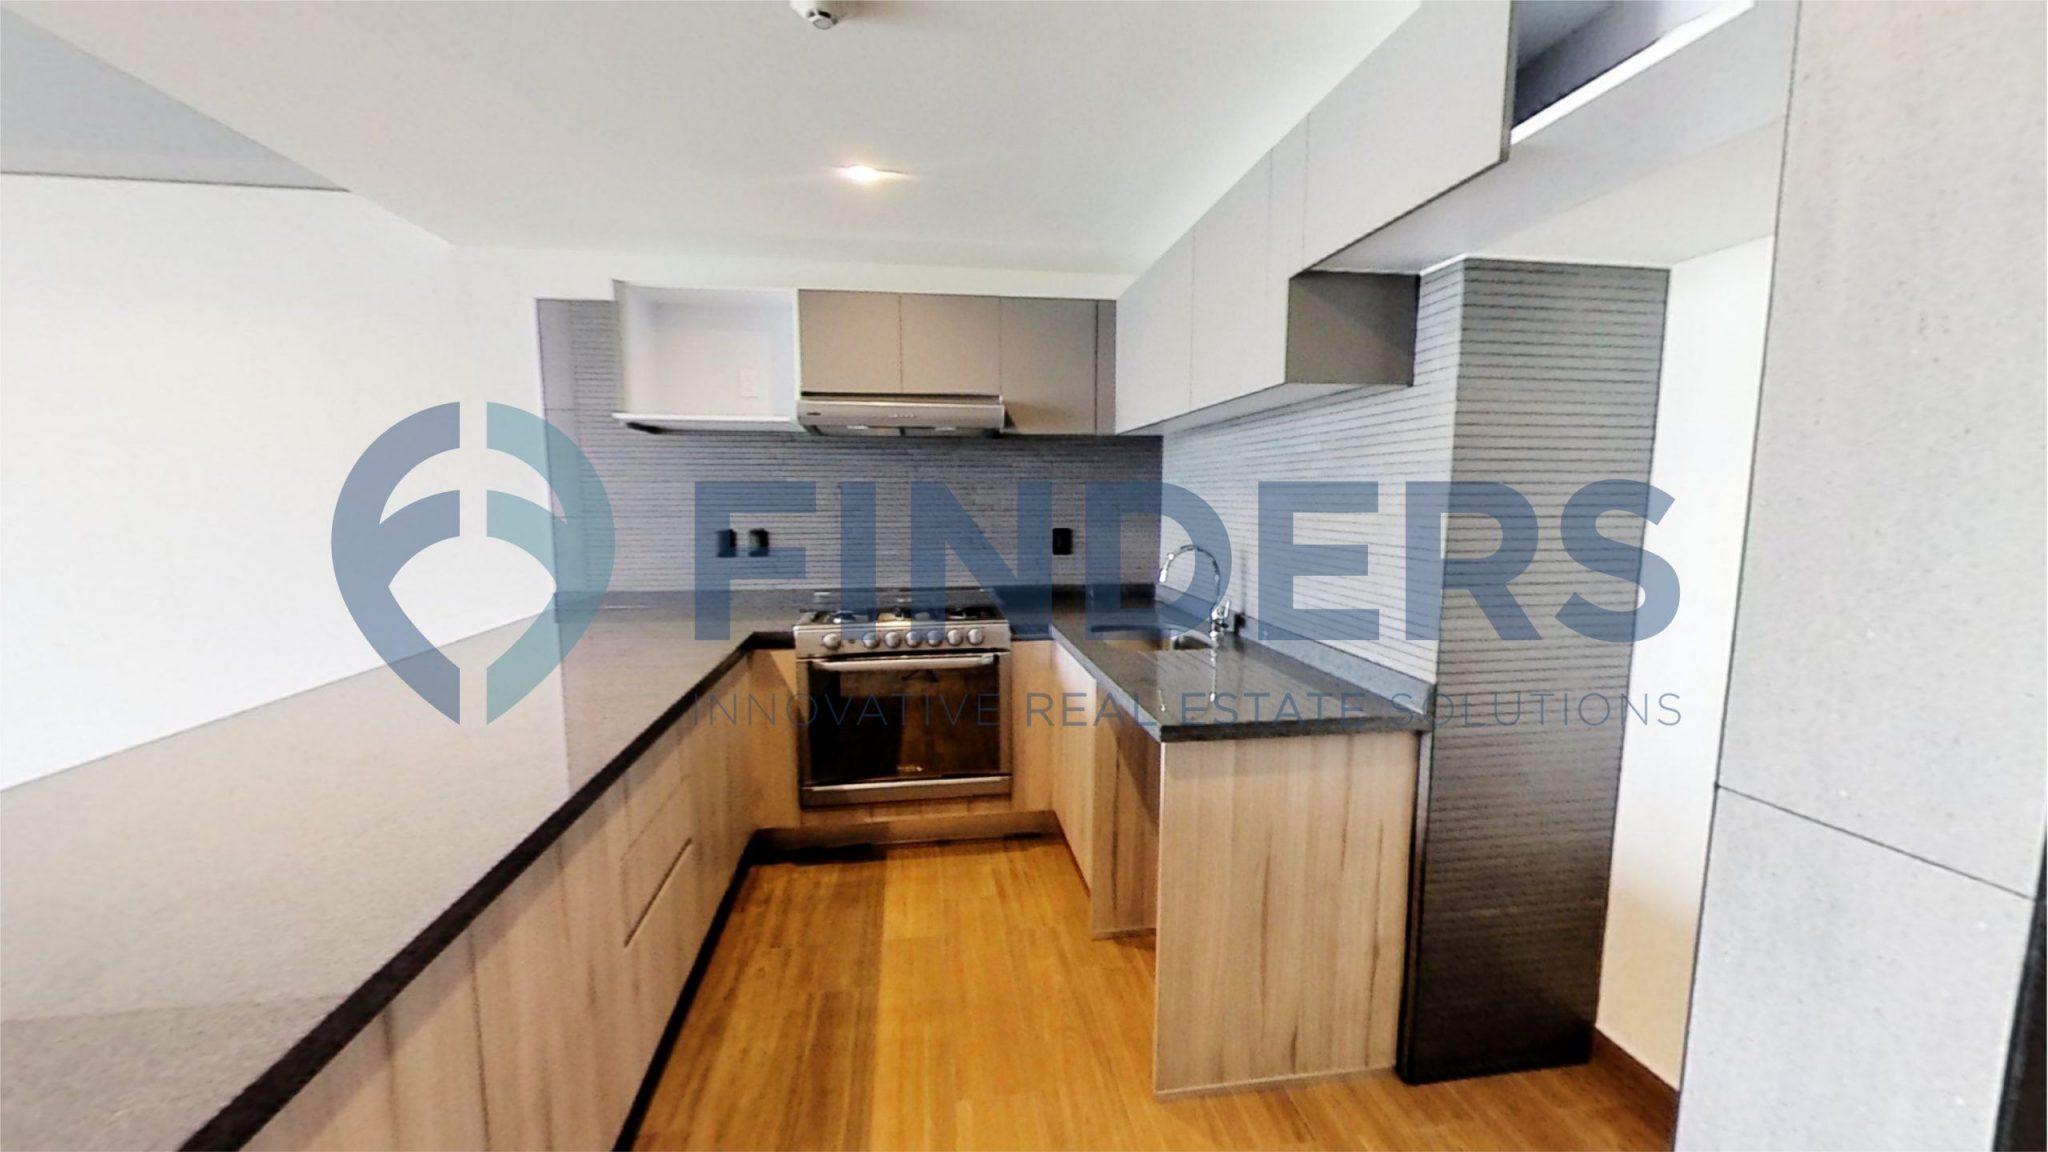 Venta departamento de 3 recámaras en Be Grand Alto Polanco Torre 3, Colonia Granada, Miguel Hidalgo, CDMX.